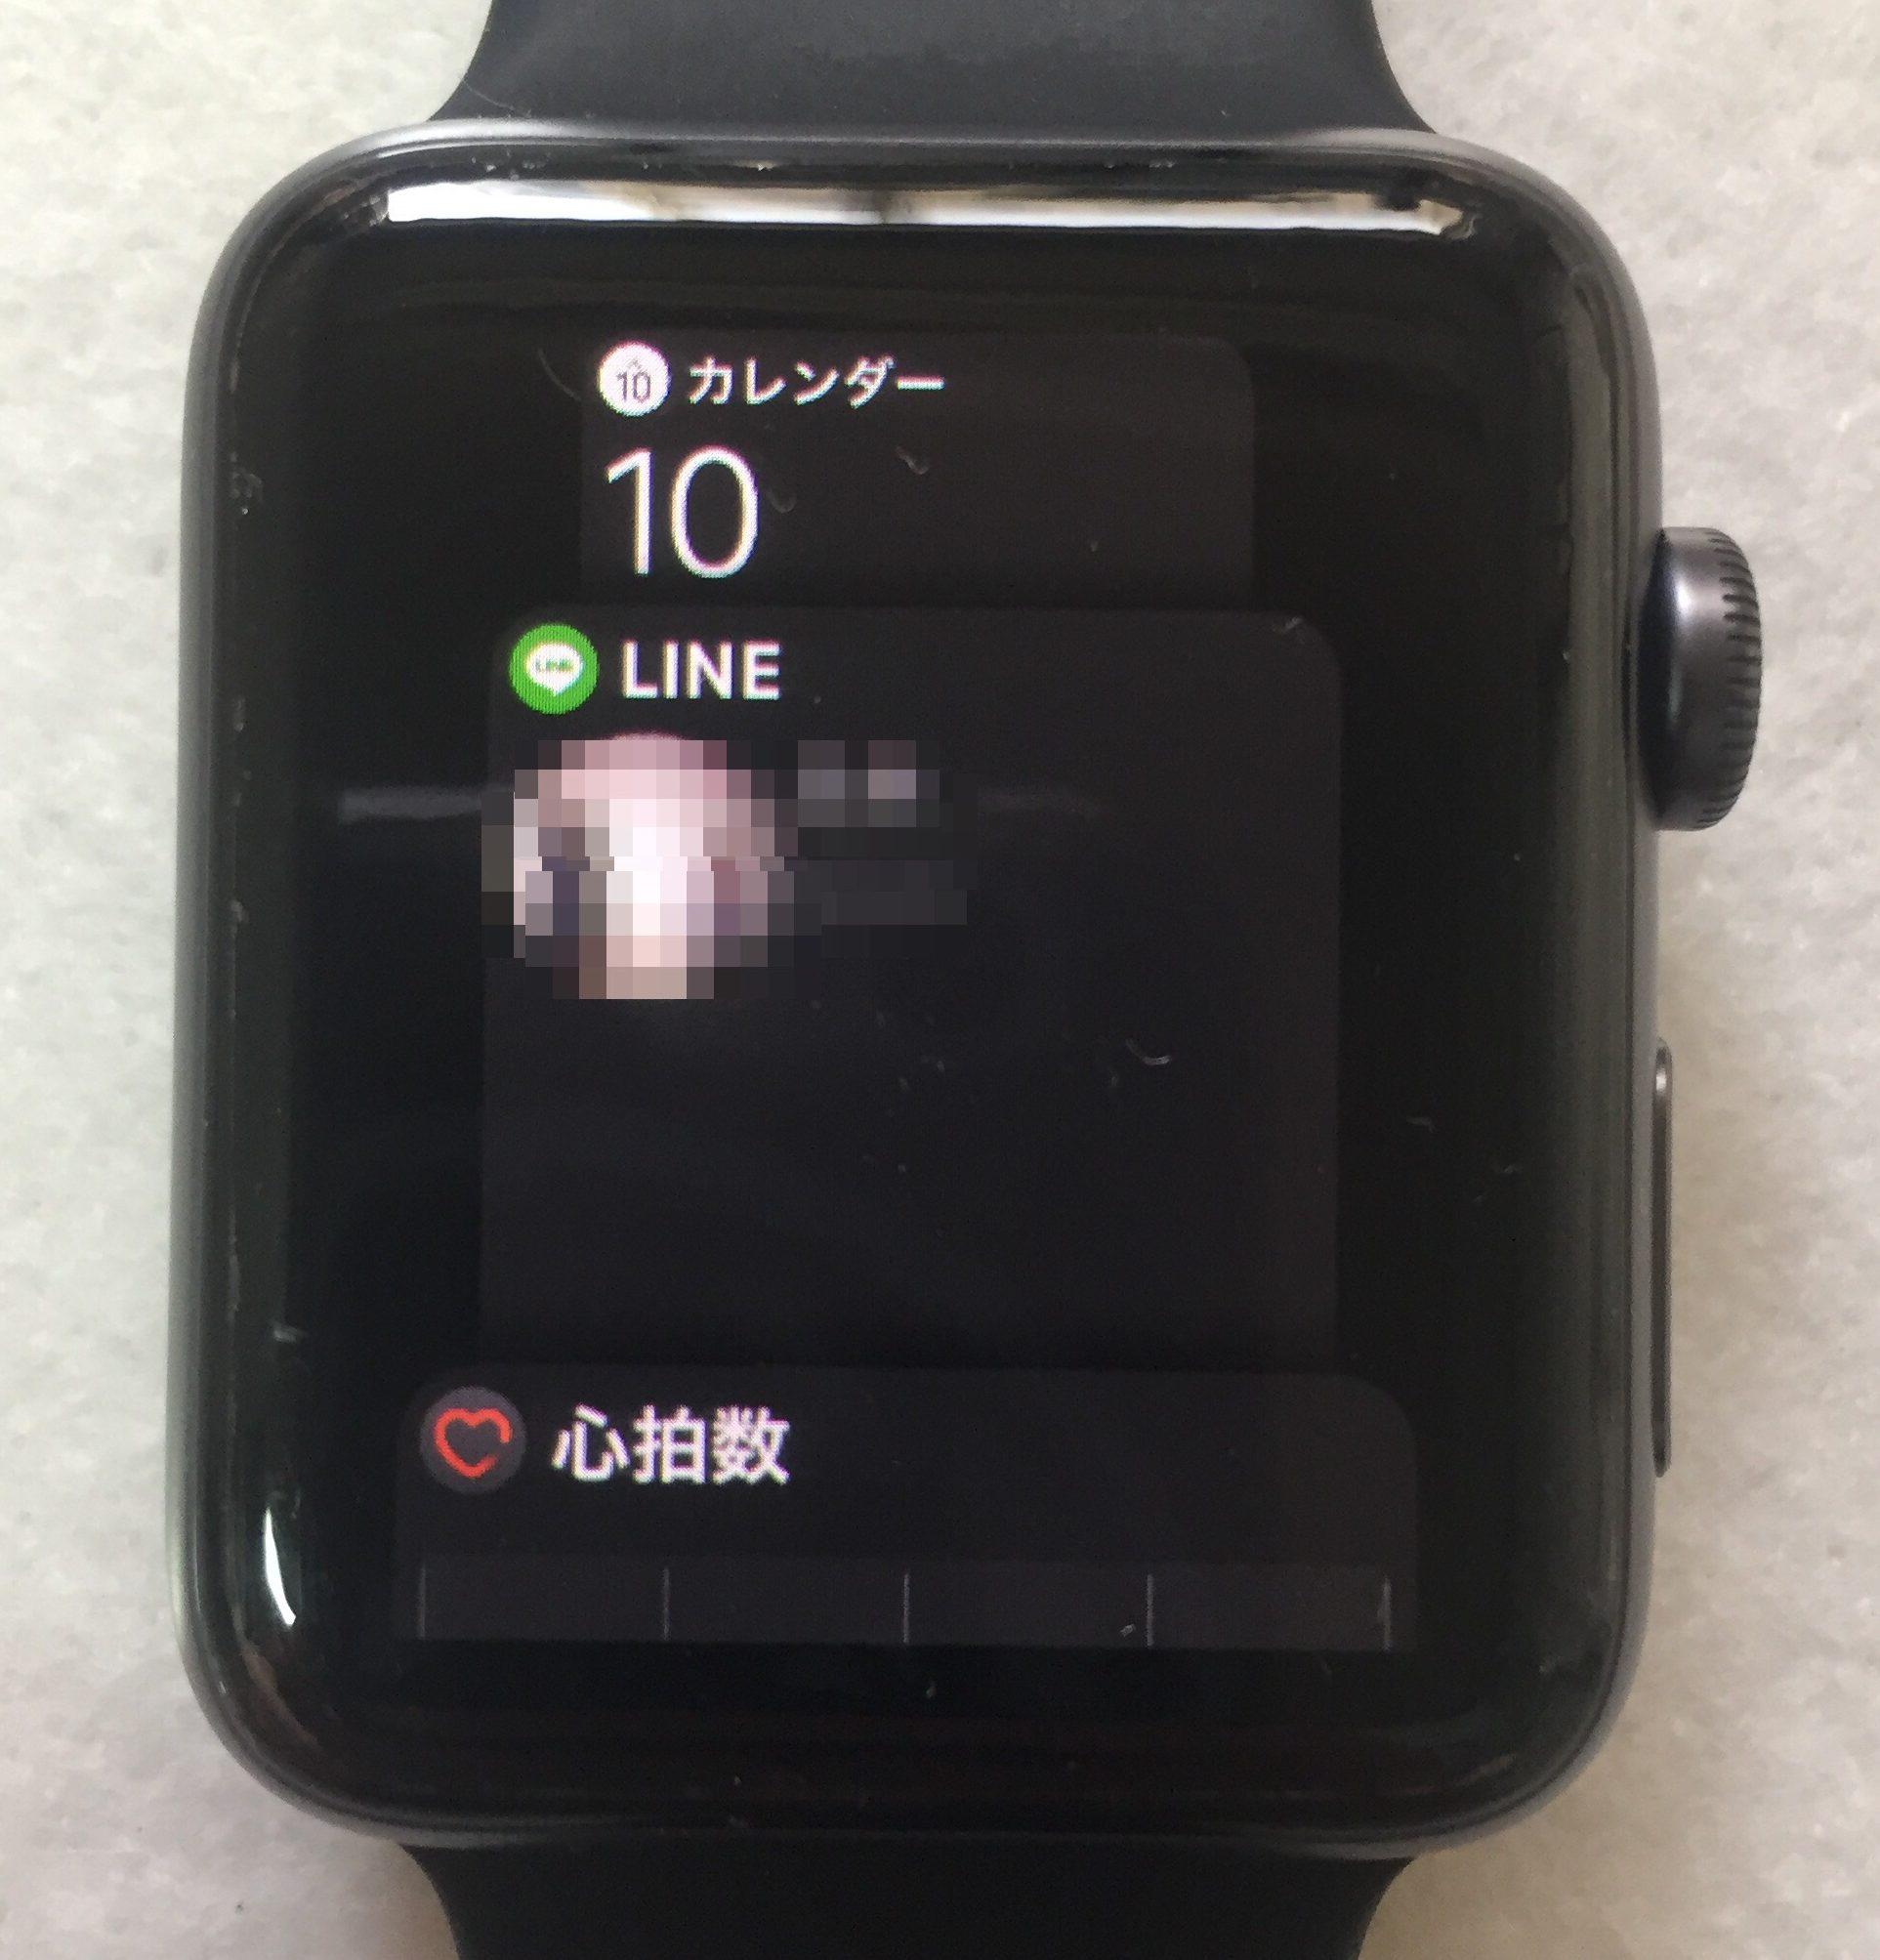 アップルウォッチラインアプリ